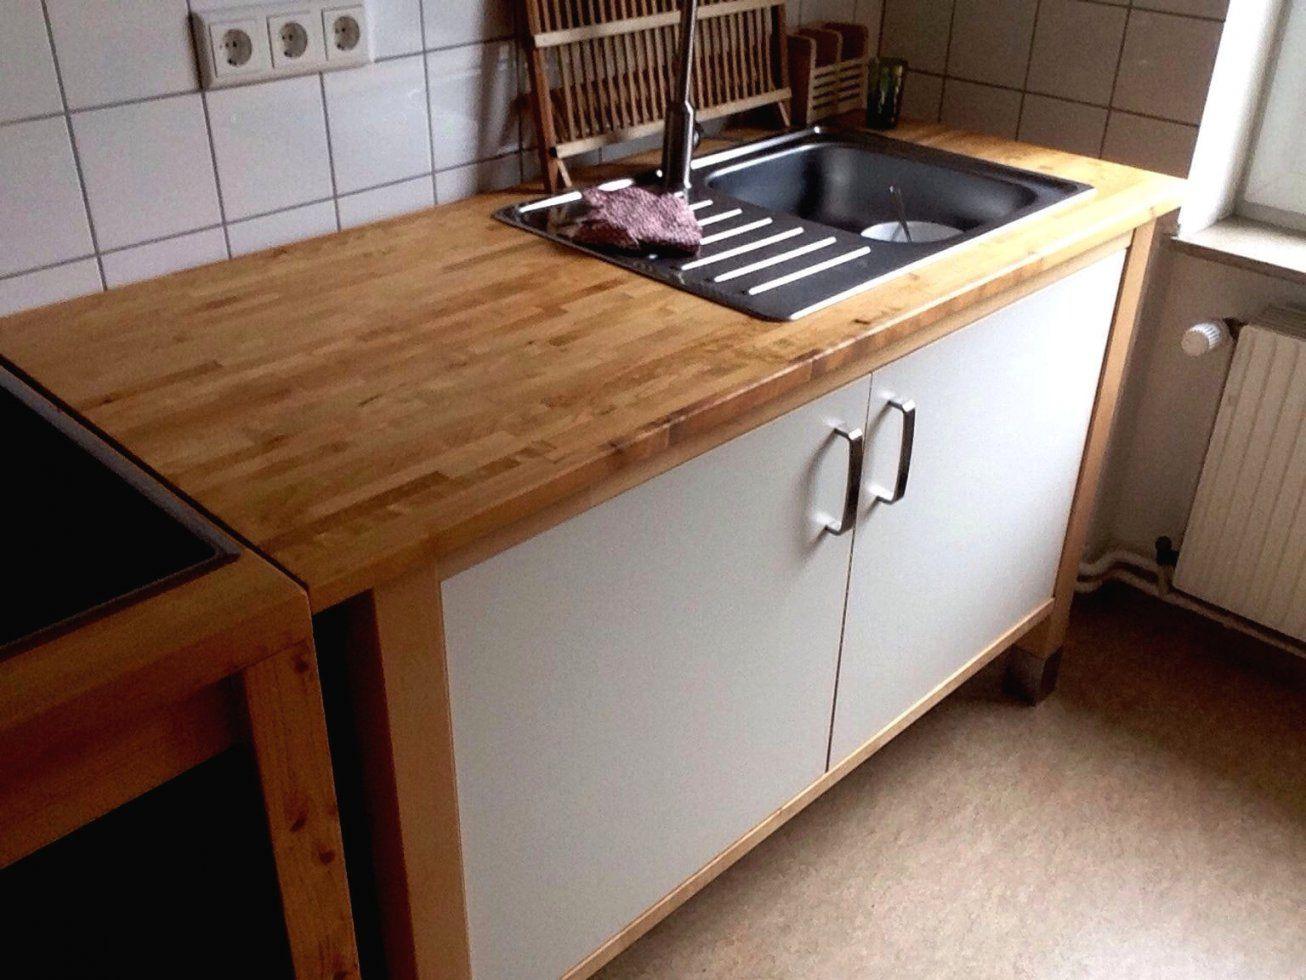 Full Size of Ikea Kchenunterschrank Sple Combin 2 Circuits Nofrost Comfort Modulküche Küche Kaufen Sofa Mit Schlaffunktion Betten 160x200 Kosten Miniküche Bei Wohnzimmer Ikea Küchentheke